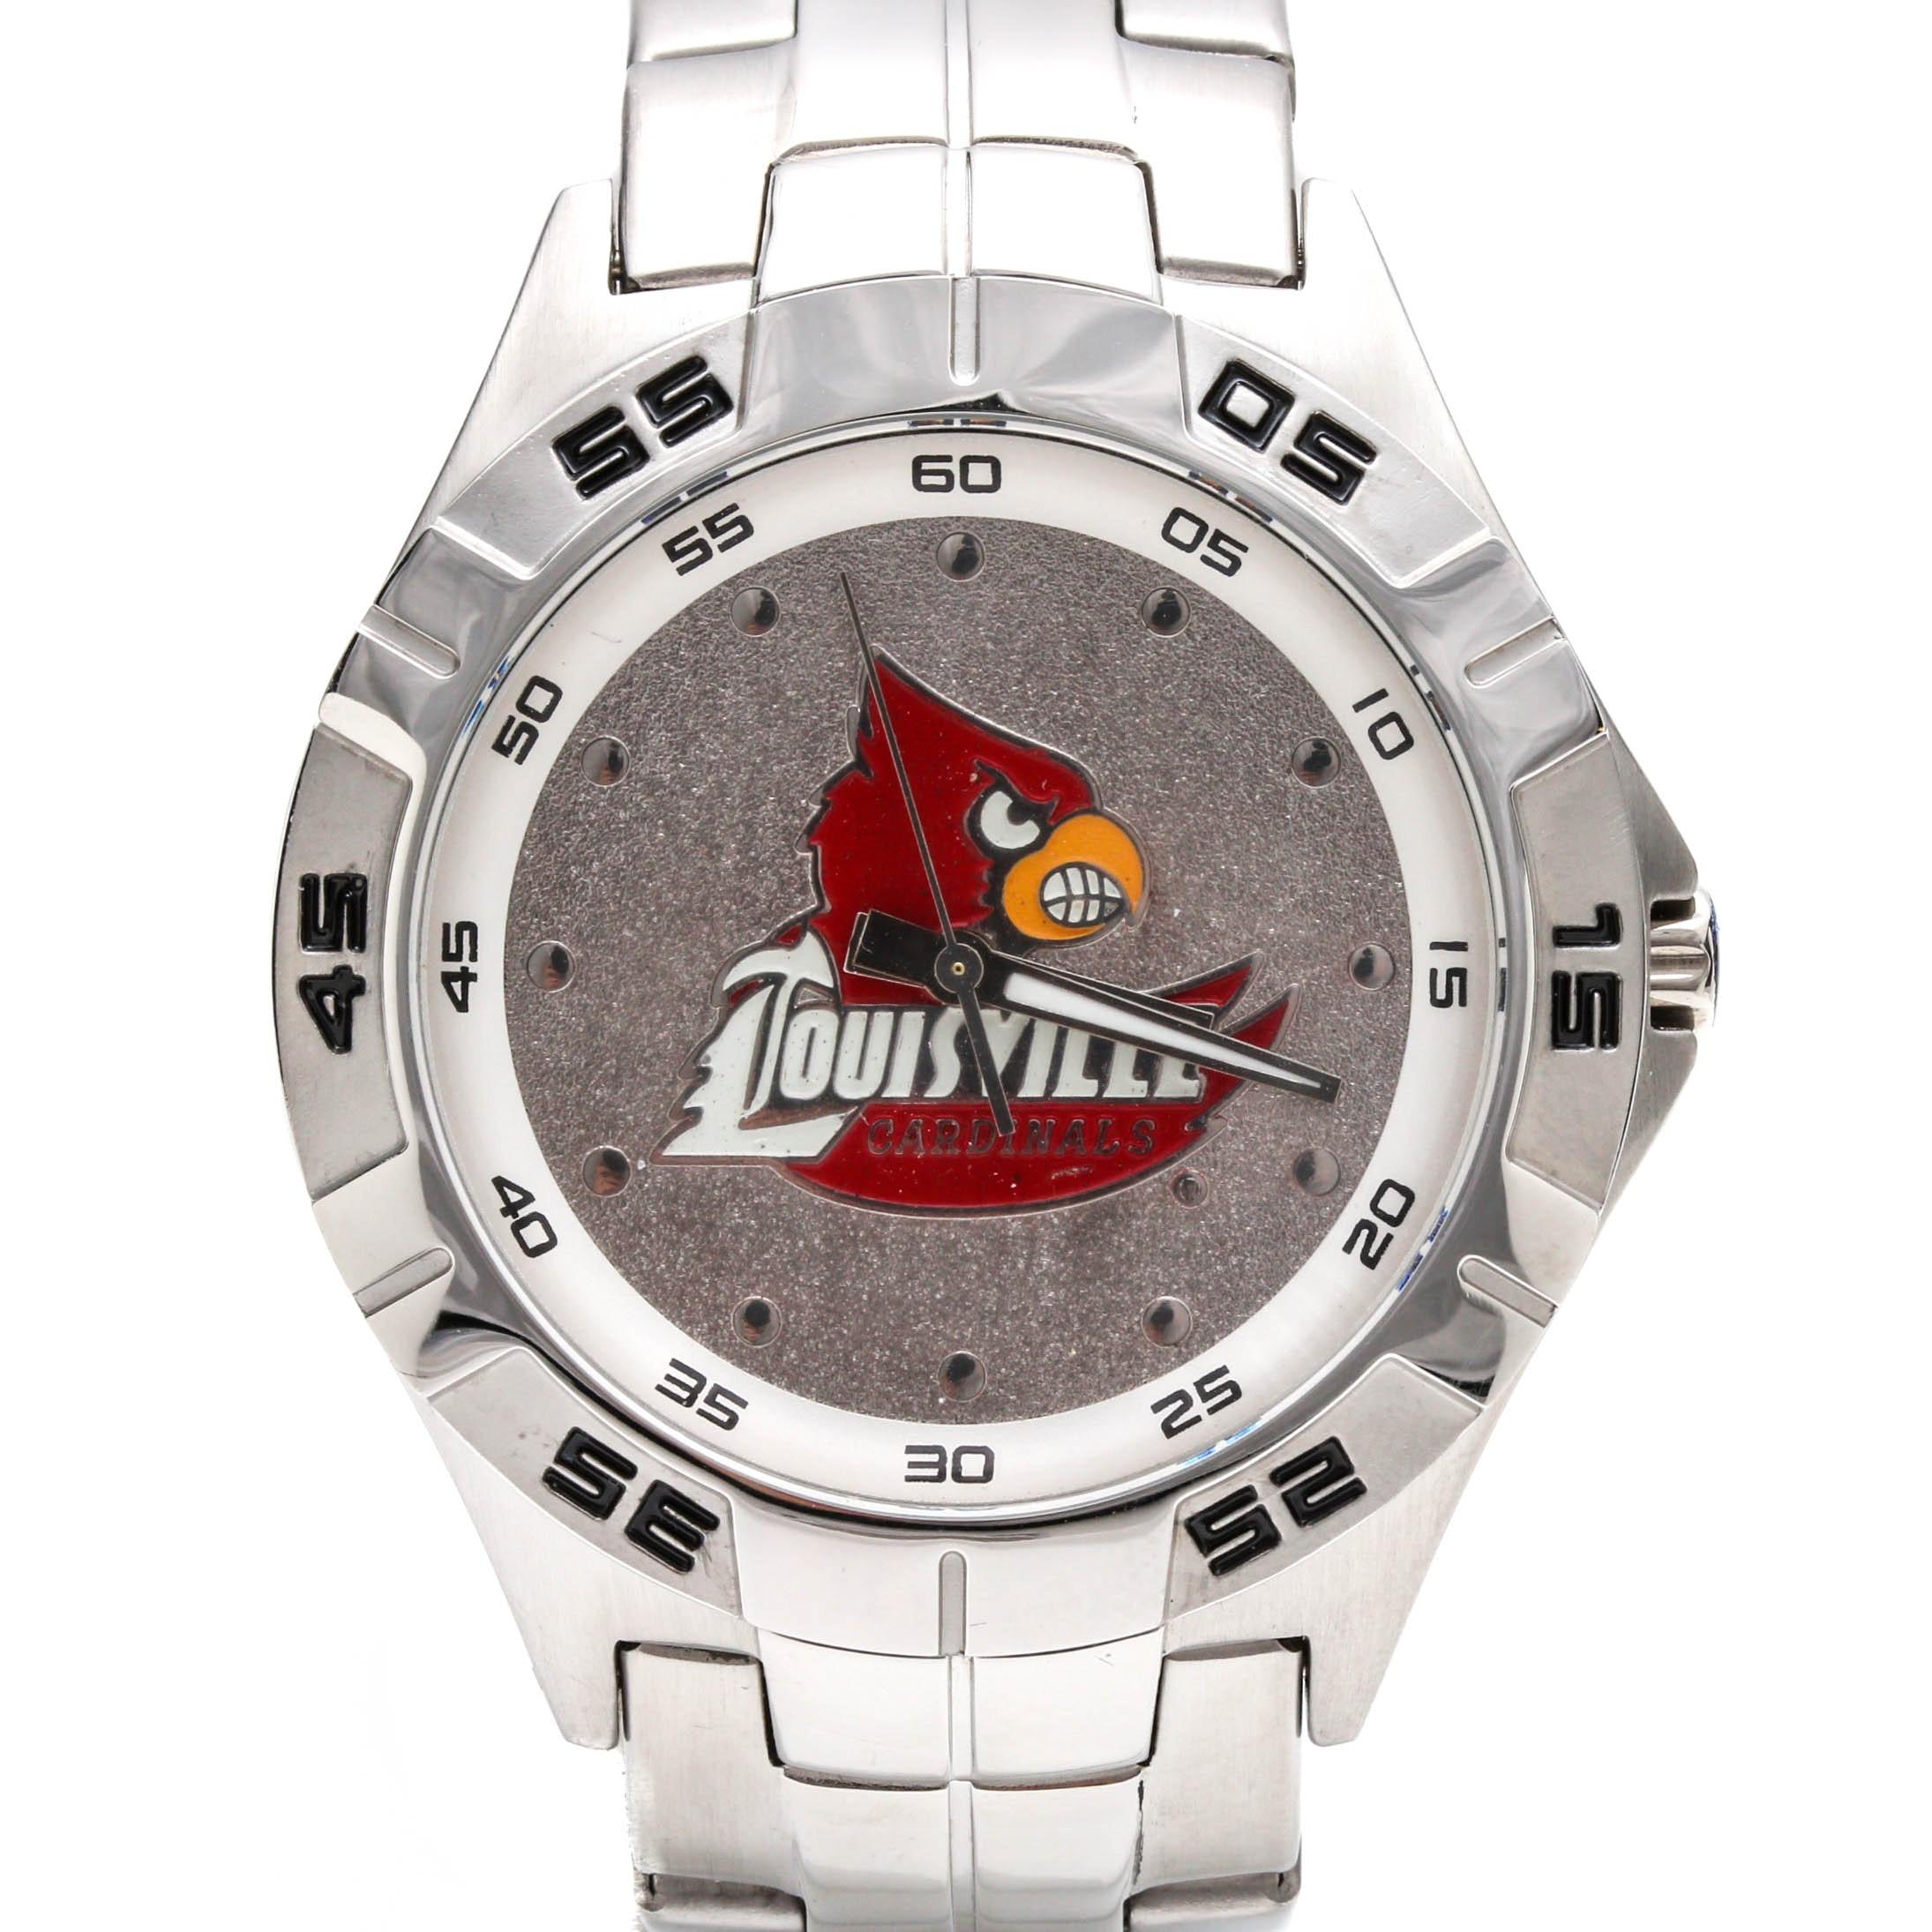 Fossil Lousiville Cardinals Logo Stainless Steel Wristwatch